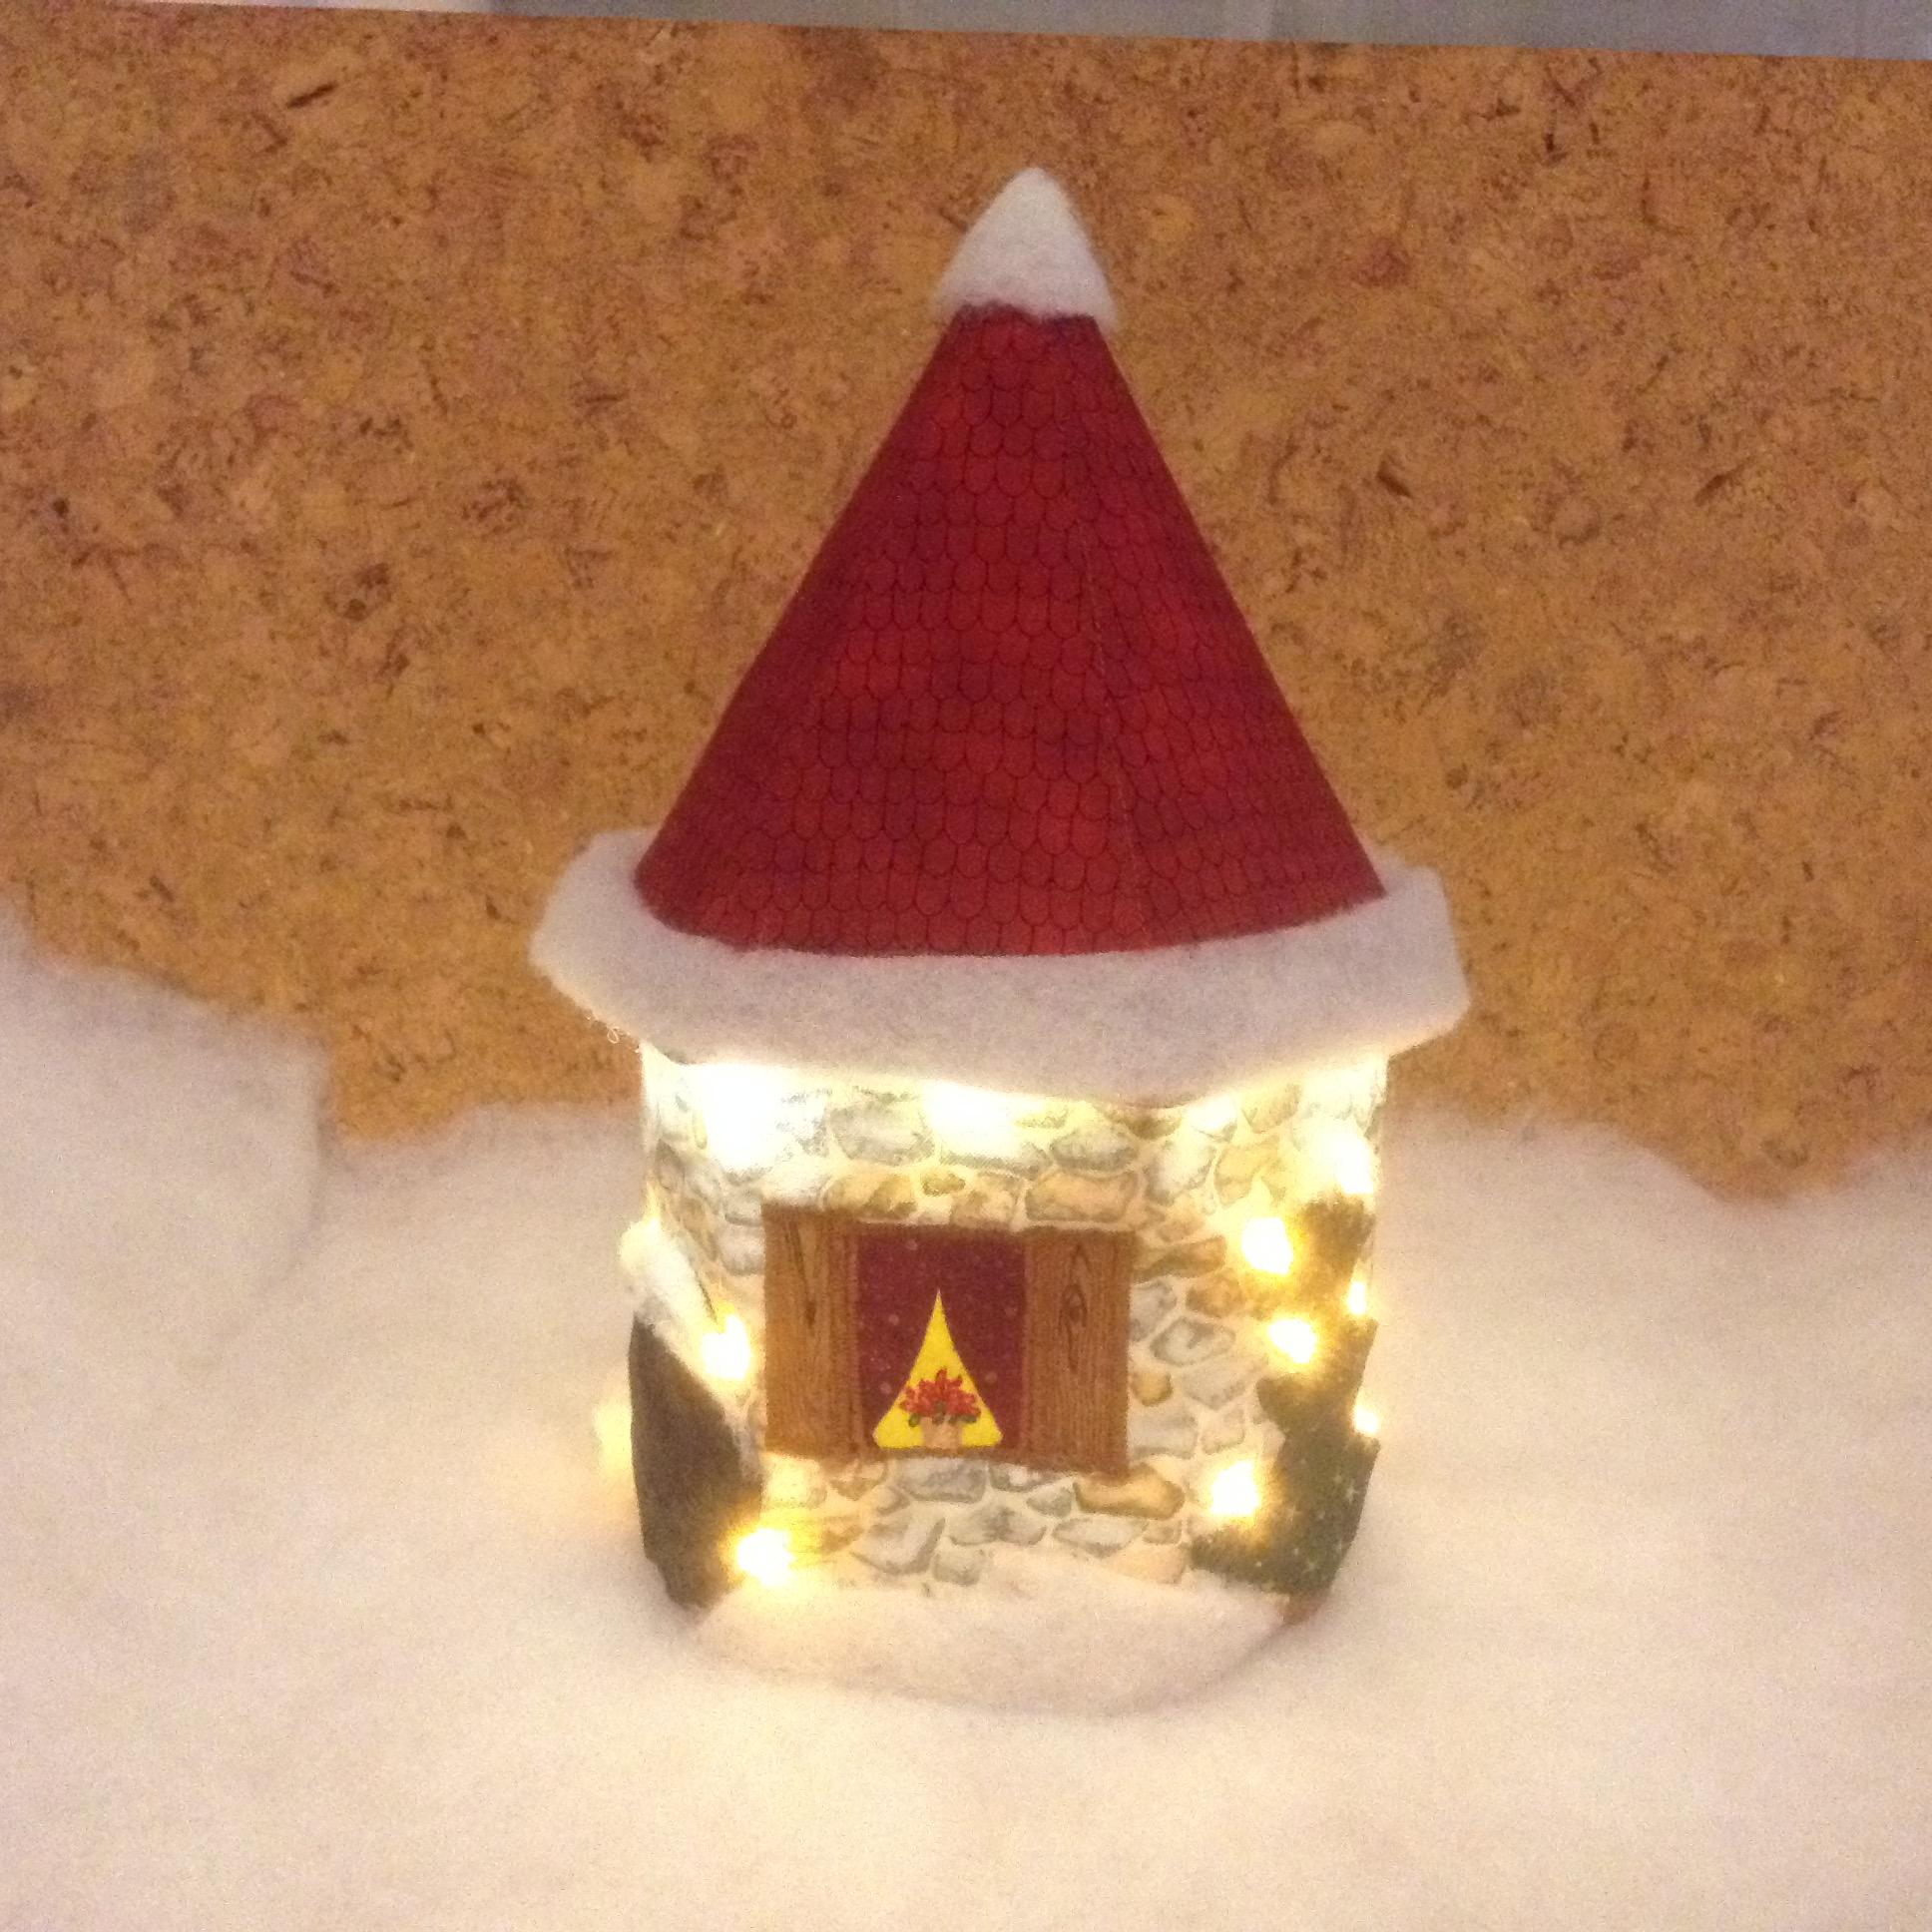 Zwischen dem geschmückten Weihnachtsbaum und dem ebenso verschönerten Busch blüht ein Weihnachtsstern im Fenster.